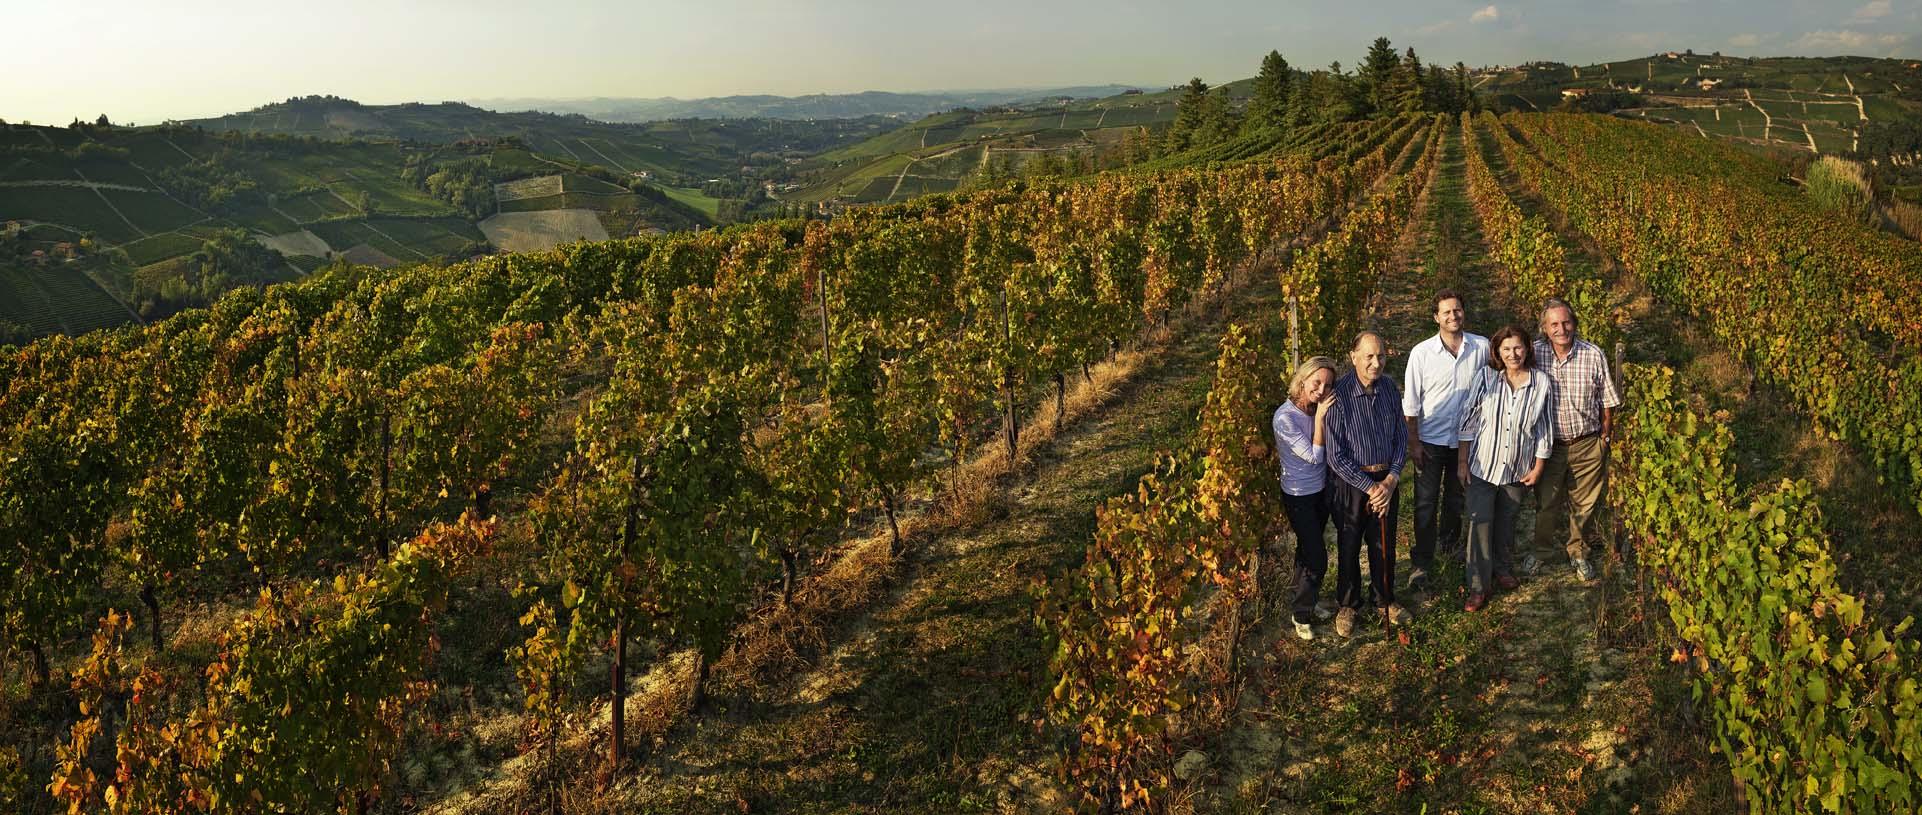 The Colla family stands in the Bricco del Drago vineyard. ©Poderi Colla